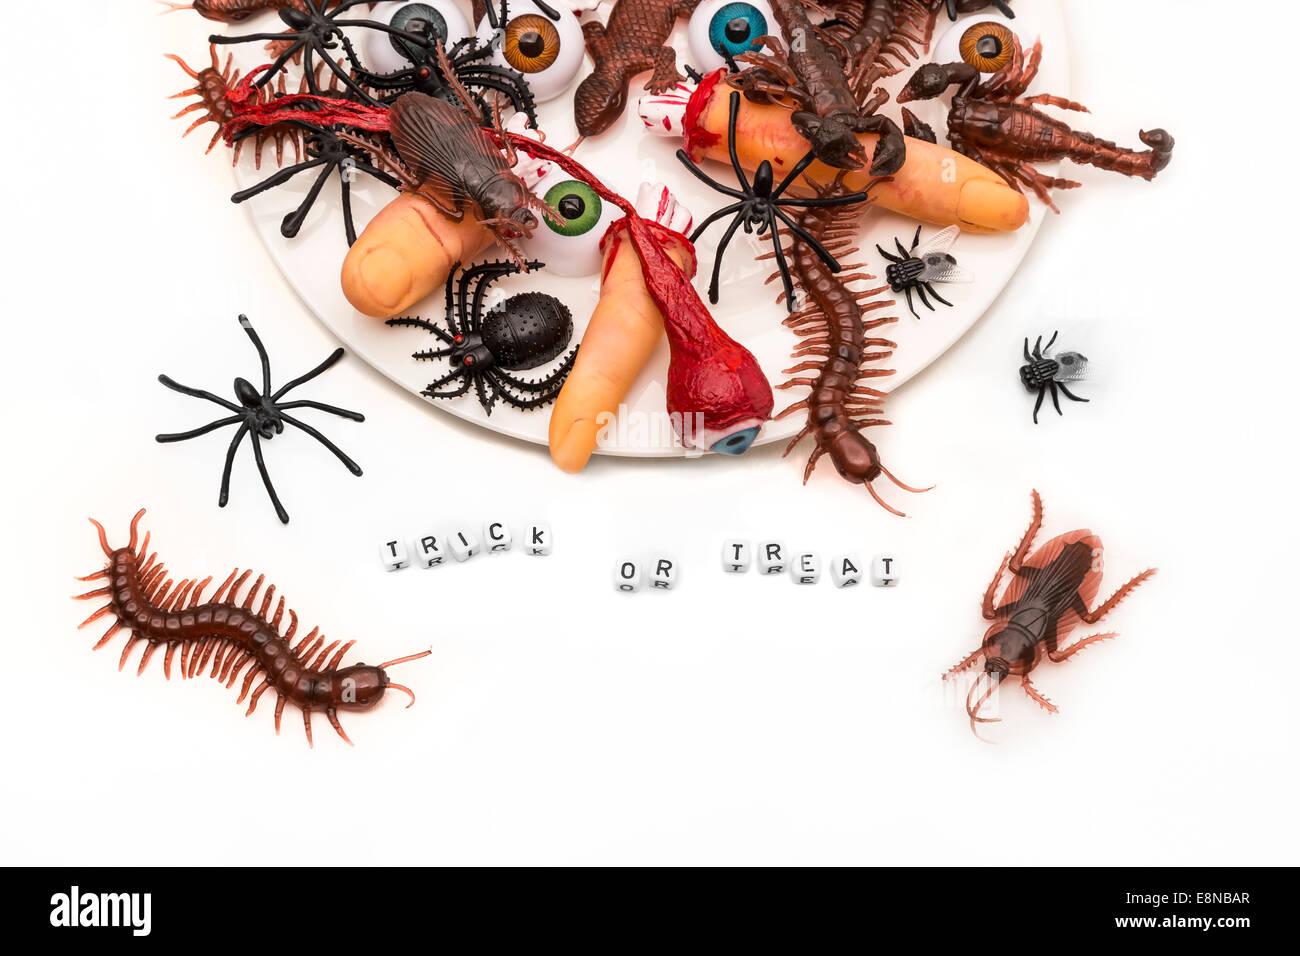 Trick or treat palabras rodeado de bichos, caramelos de broma los dedos de plástico y los ojos en un plato Imagen De Stock